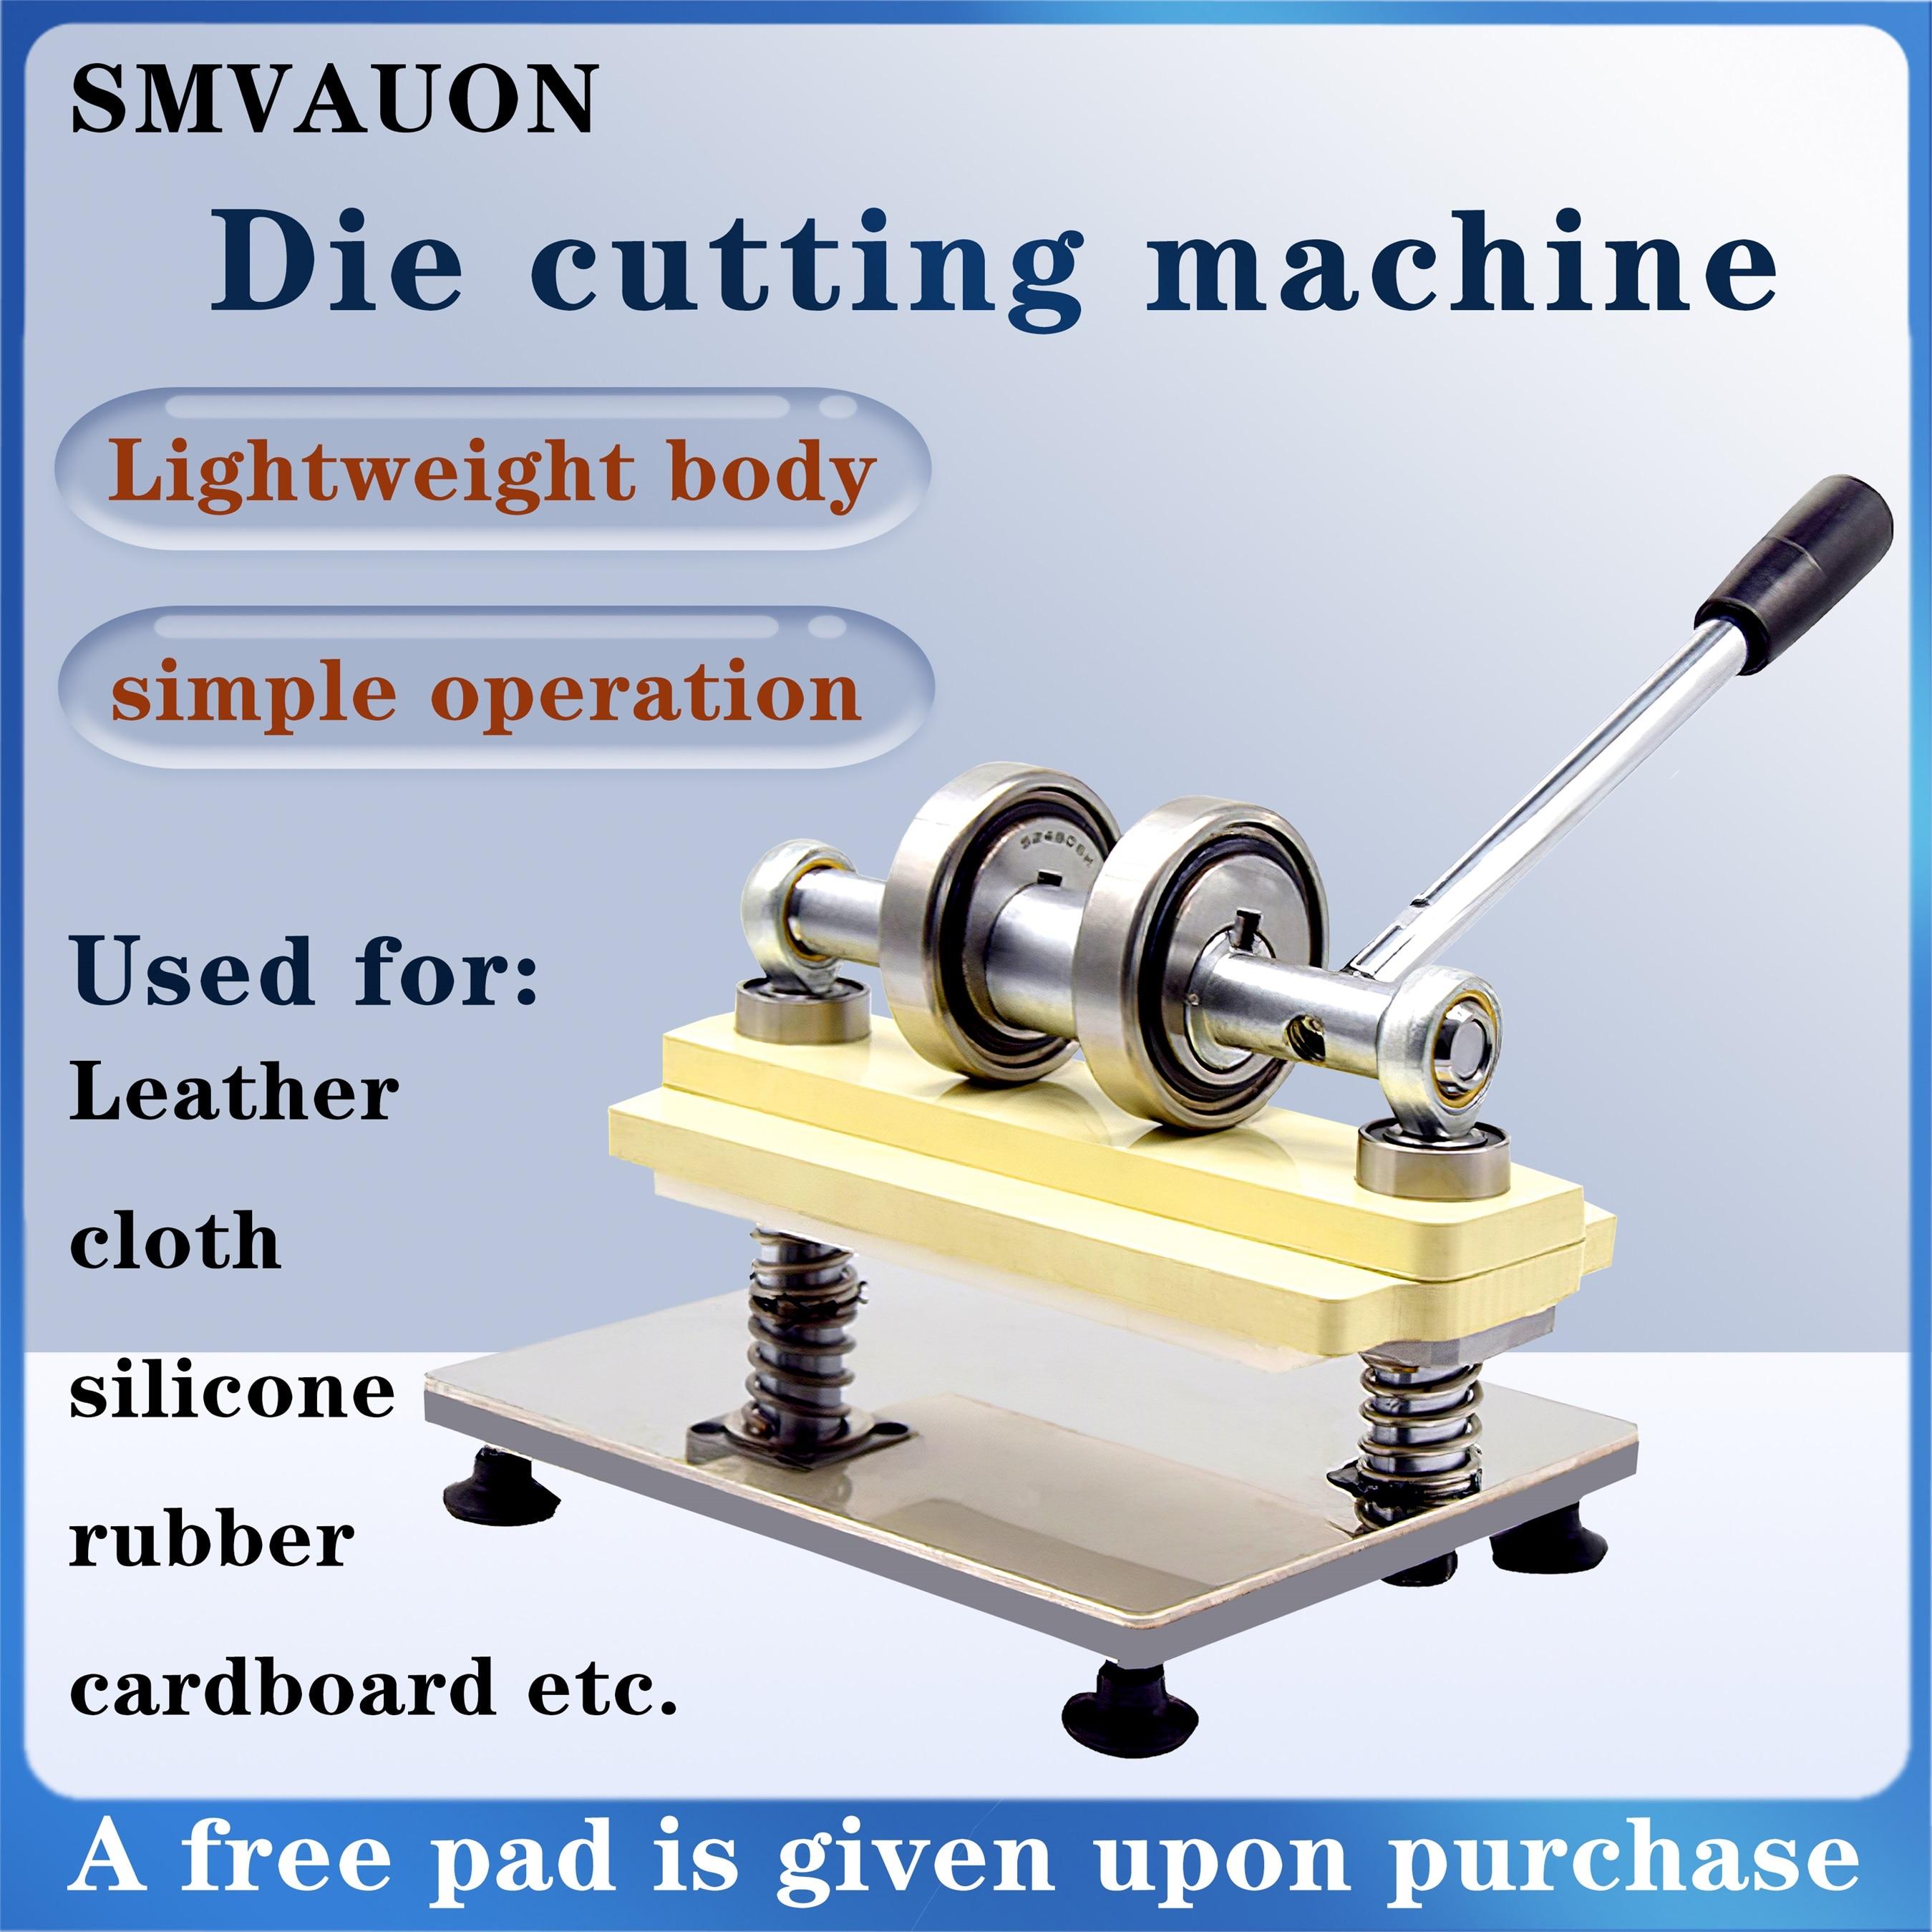 عجلة مزدوجة اليد ماكينة قطع الجلد ورق طباعة الصور آلة قطع الألواح المعدنيّة لتقوم بها بنفسك الجلود الصغيرة دليل الضغط يموت آلة قطع